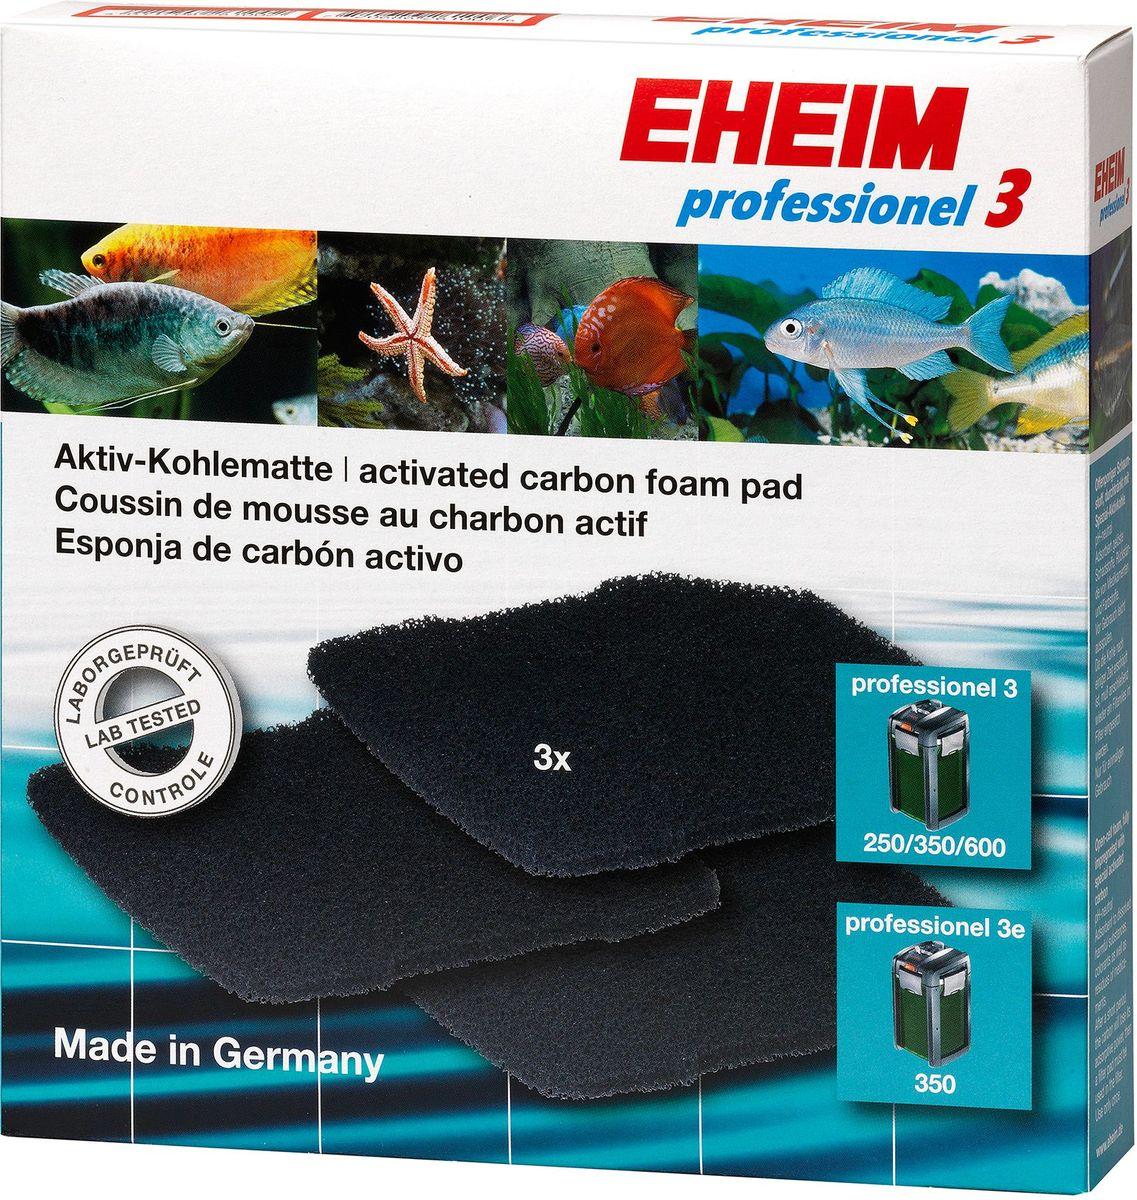 Наполнитель для фильтра Eheim Professionel 3 250/350/600, 3 шт наполнитель для фильтра eheim experience 150 250 угольный 3 шт